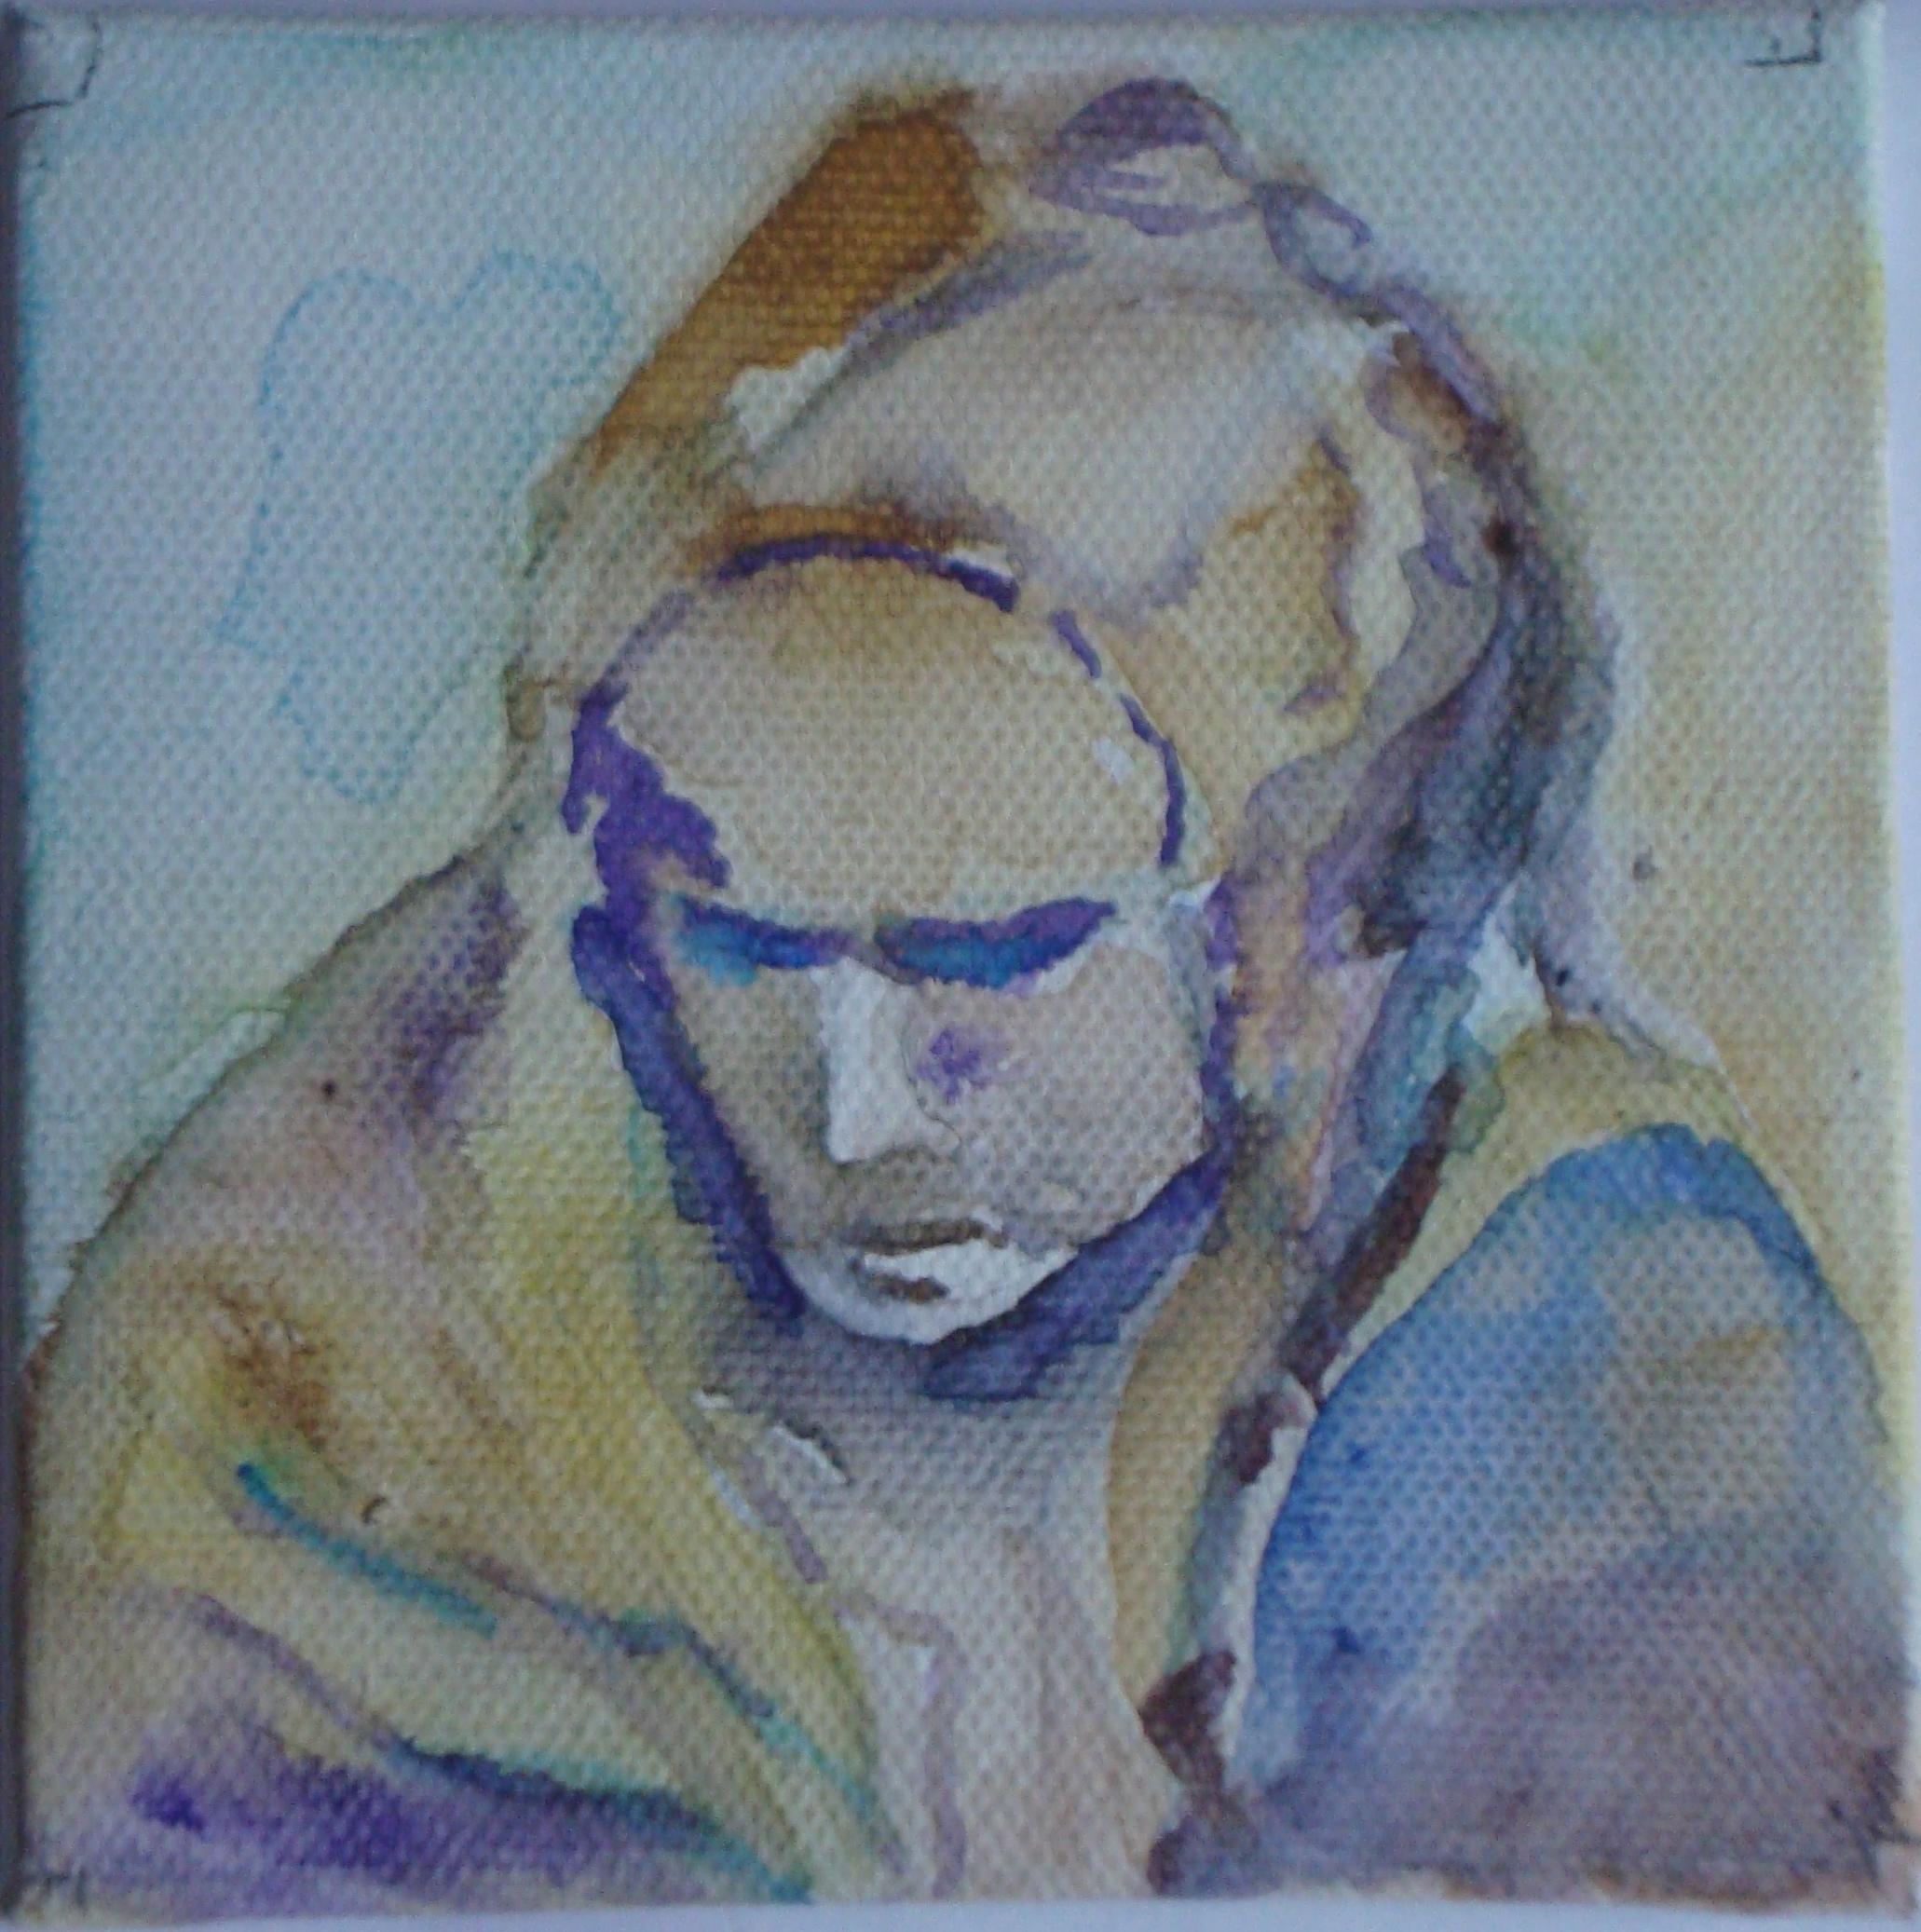 Pieta Aquarell 10 x 10 cm - mit Abstand zu genießen! 22.07.2015 abends